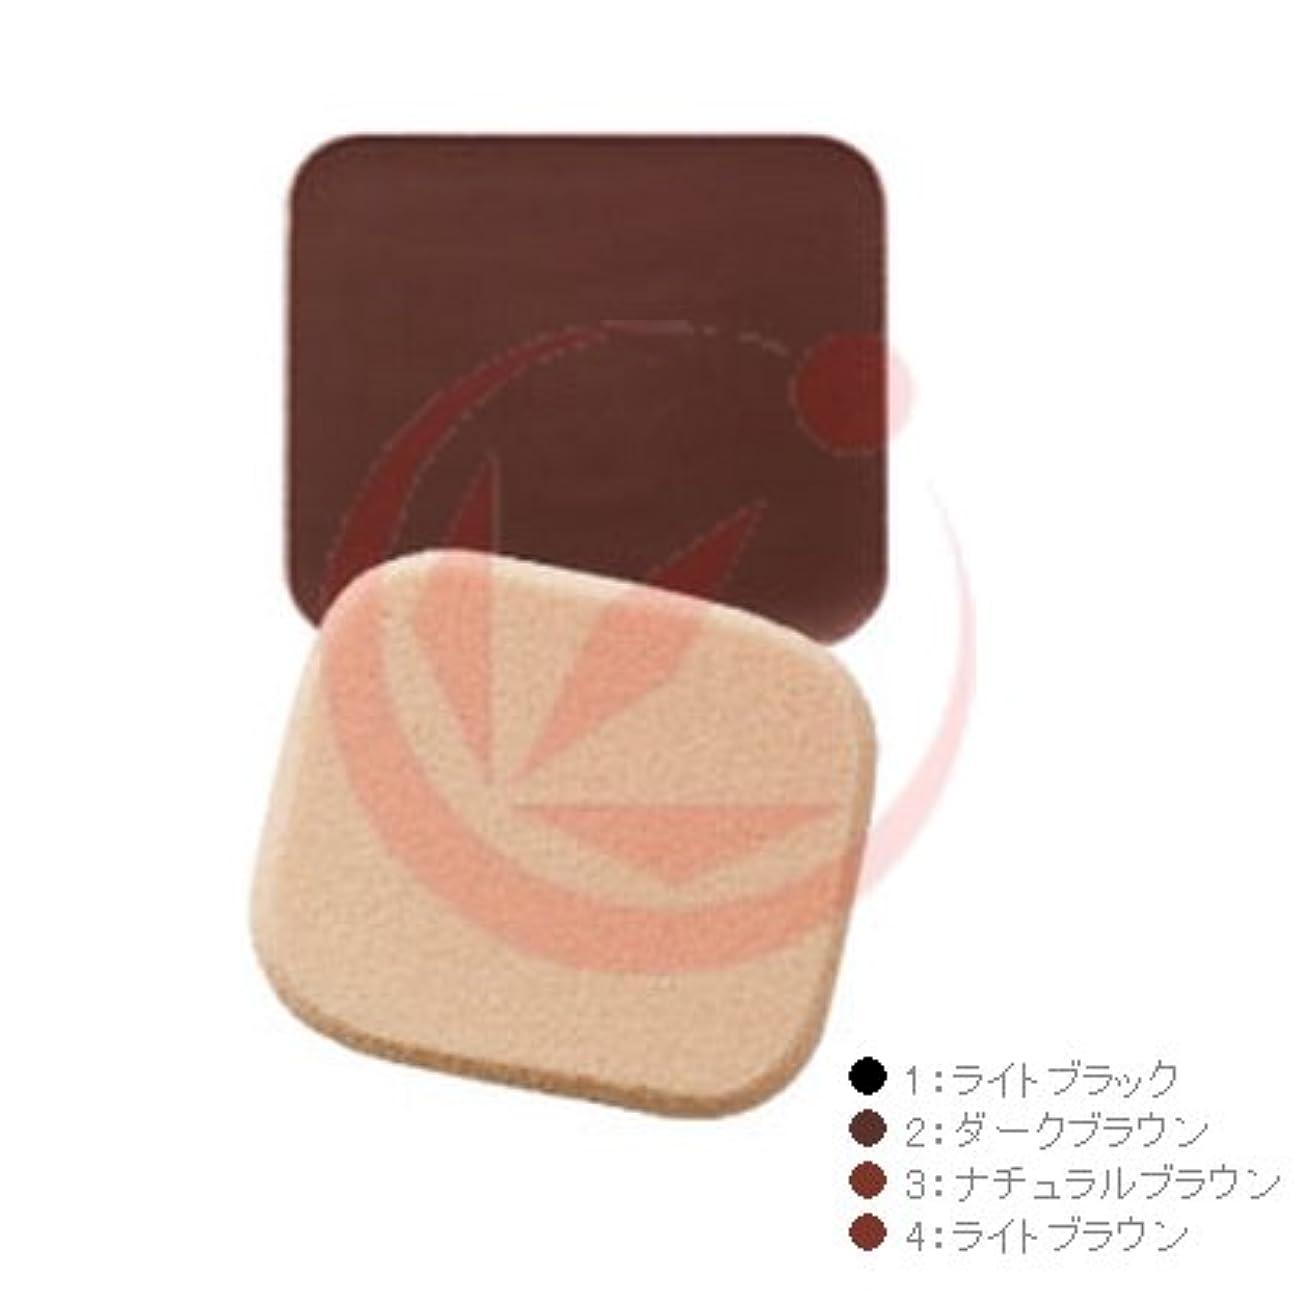 通常豪華なハウジングイリヤ 彩(いろどり) ヘアファンデーション 13g 詰替用 パフ付 ナチュラルブラウン